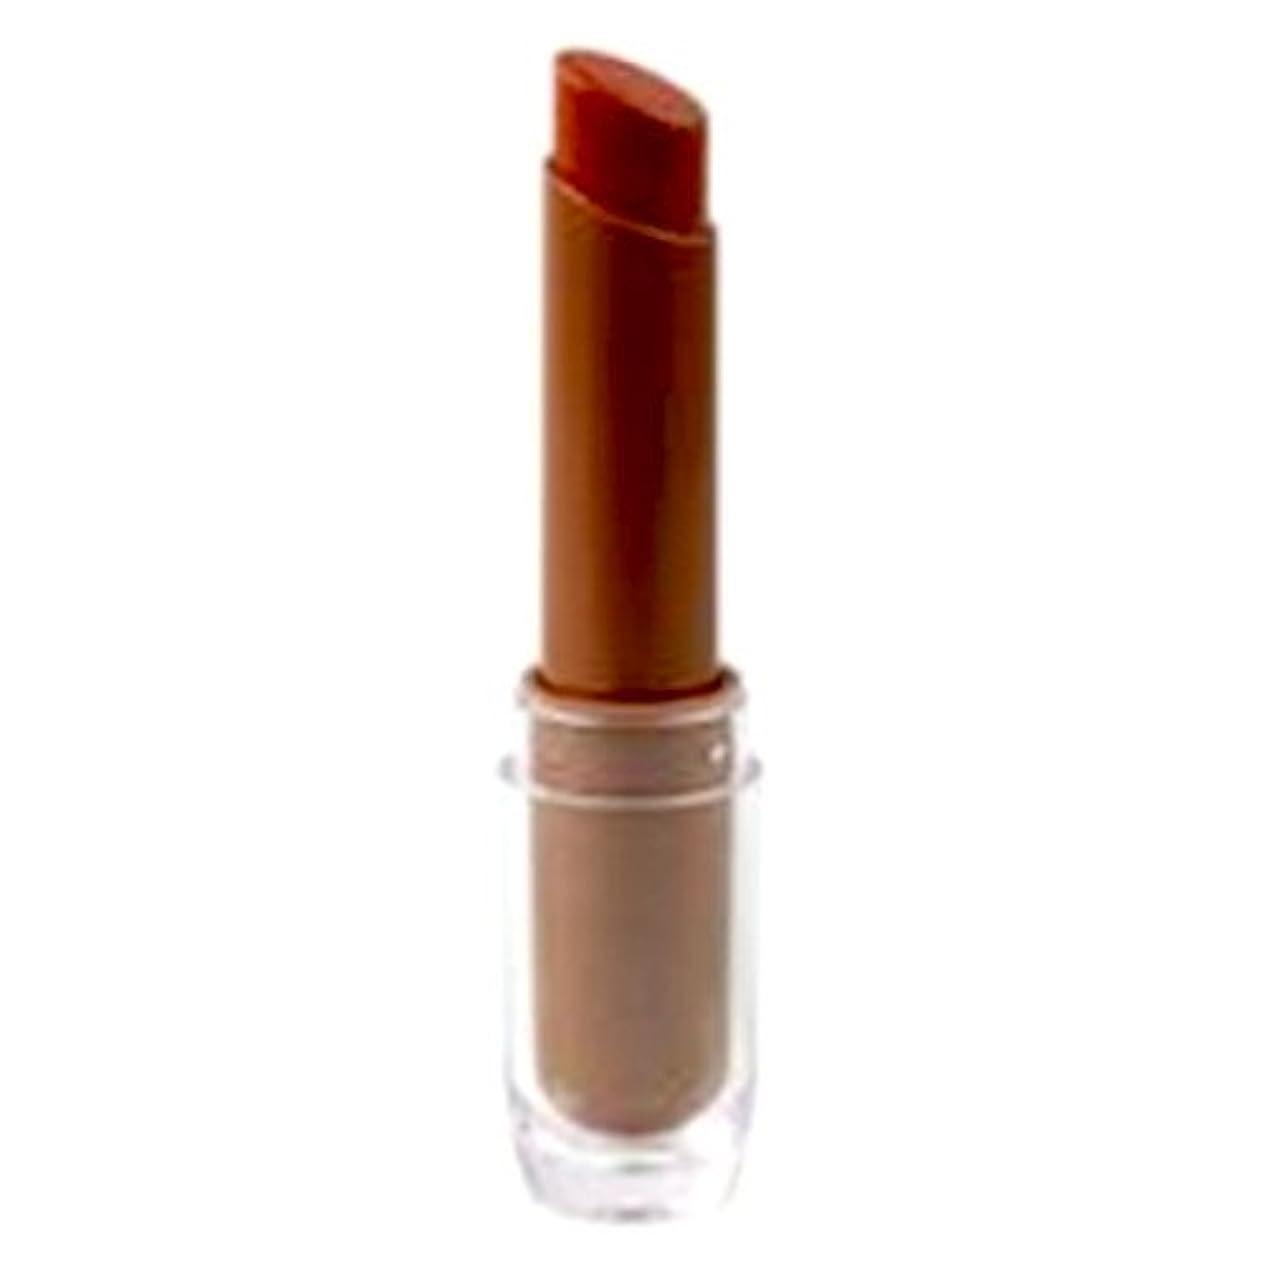 闇熟読する解体する(3 Pack) KLEANCOLOR Kleanista Lipstick - Chocolate (並行輸入品)